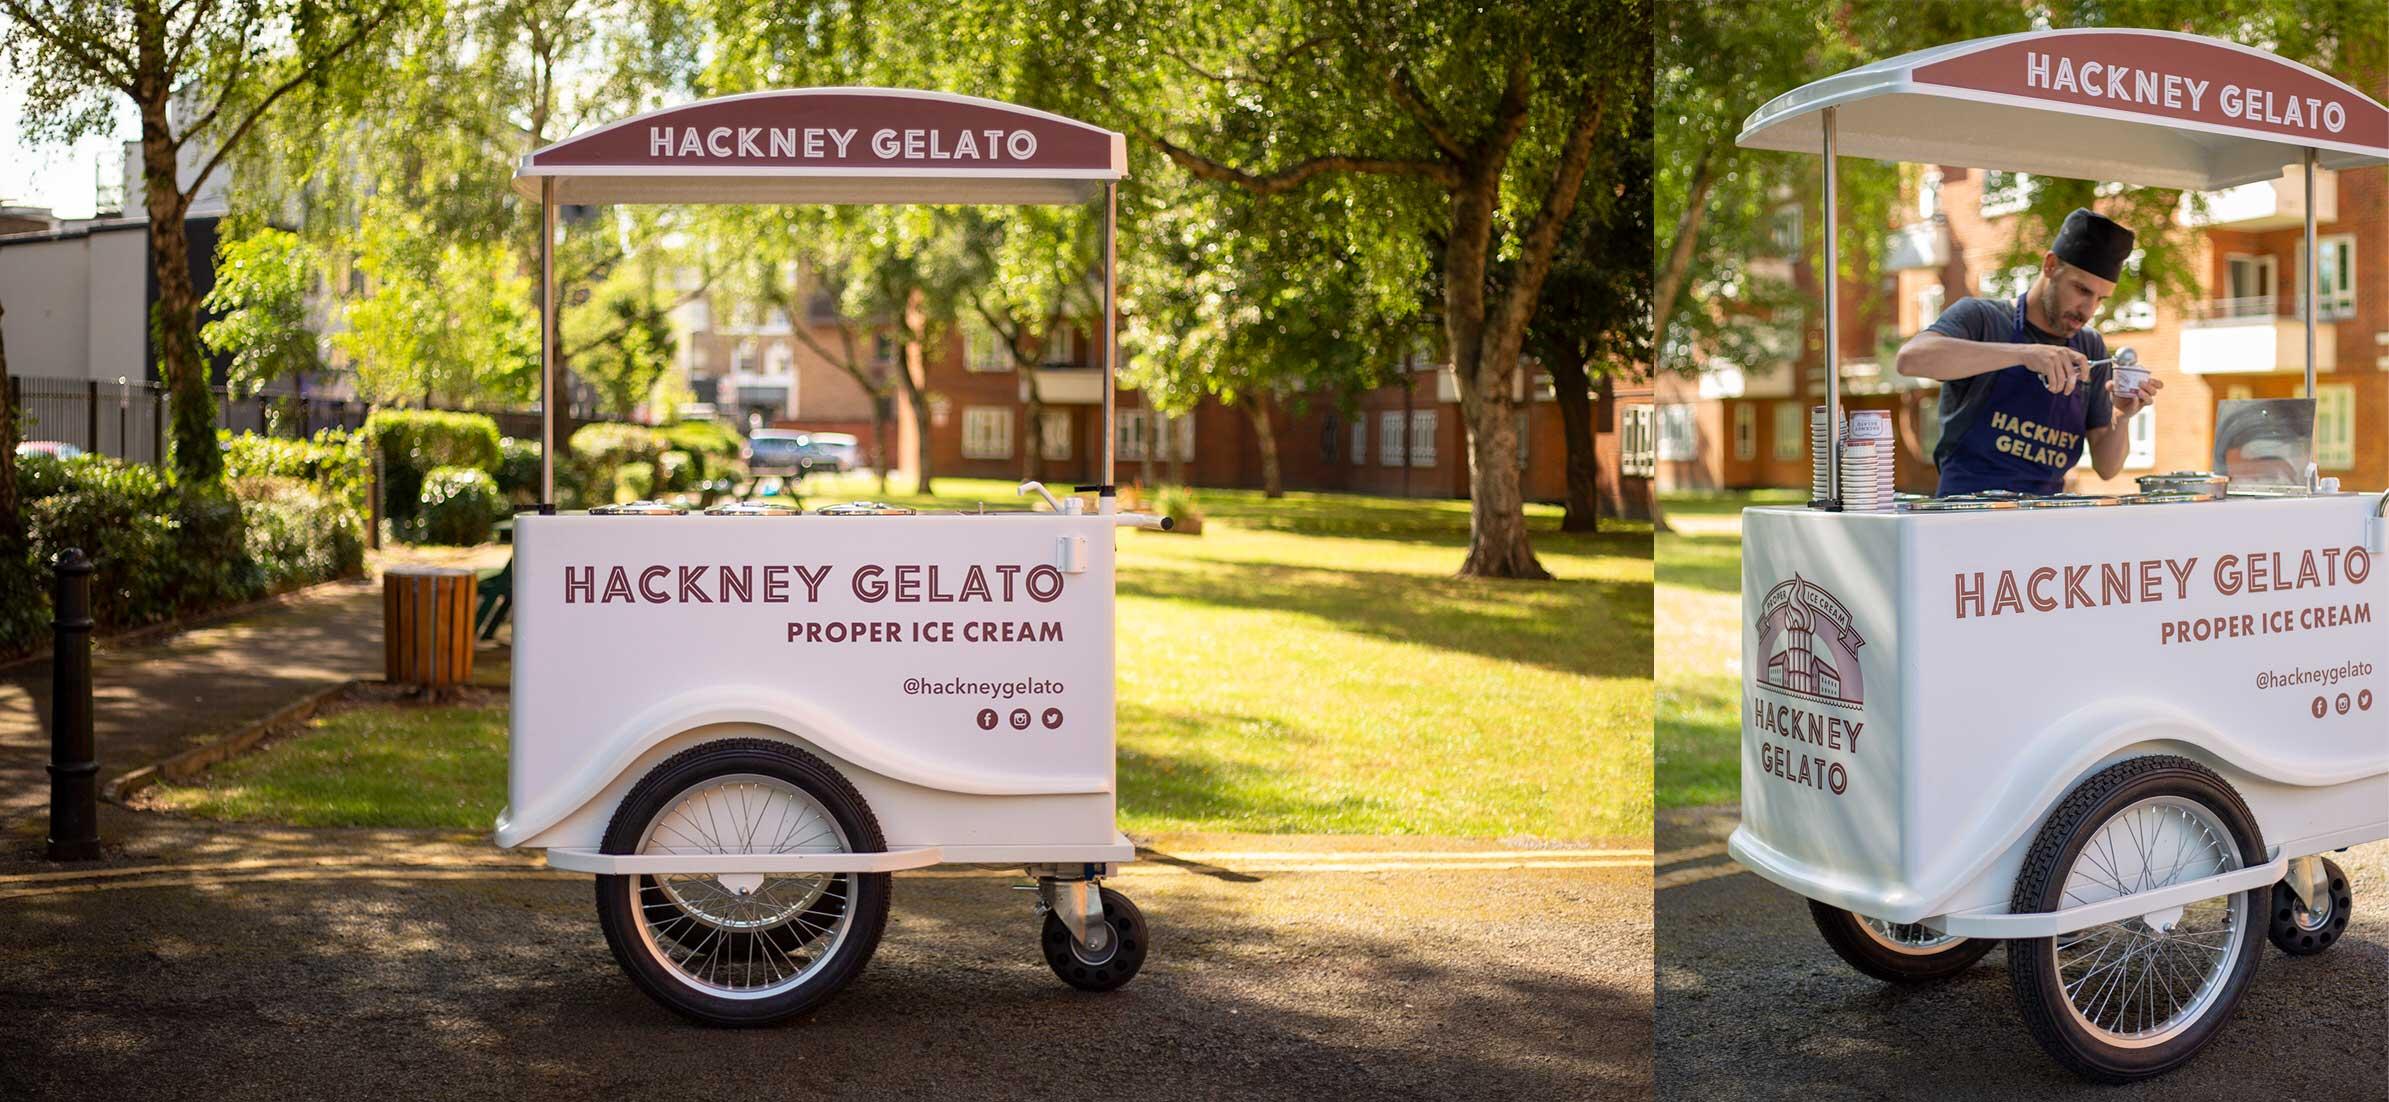 Hackney_Gelato_Sweetbike.jpg